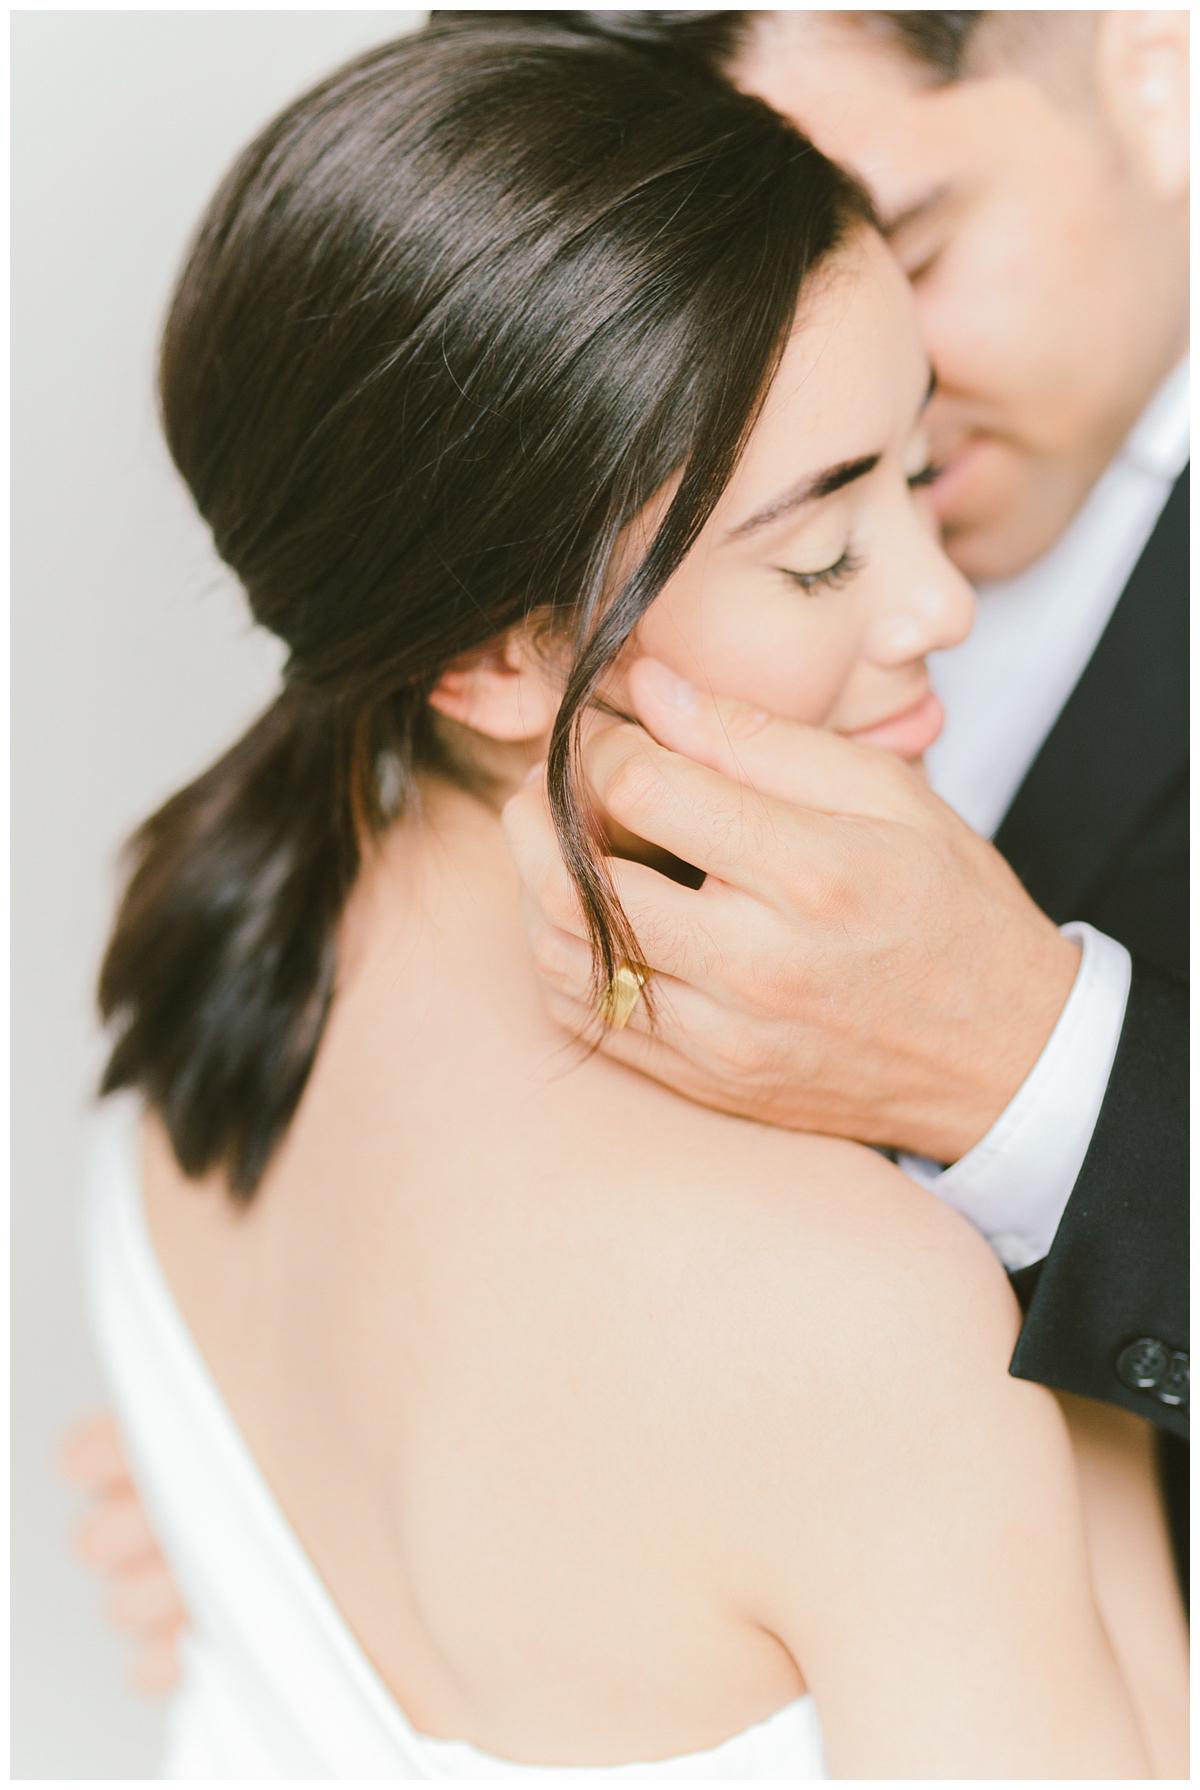 Hong Kong Fine Art Wedding Prewedding Photographer Mattie C. 00018.jpg